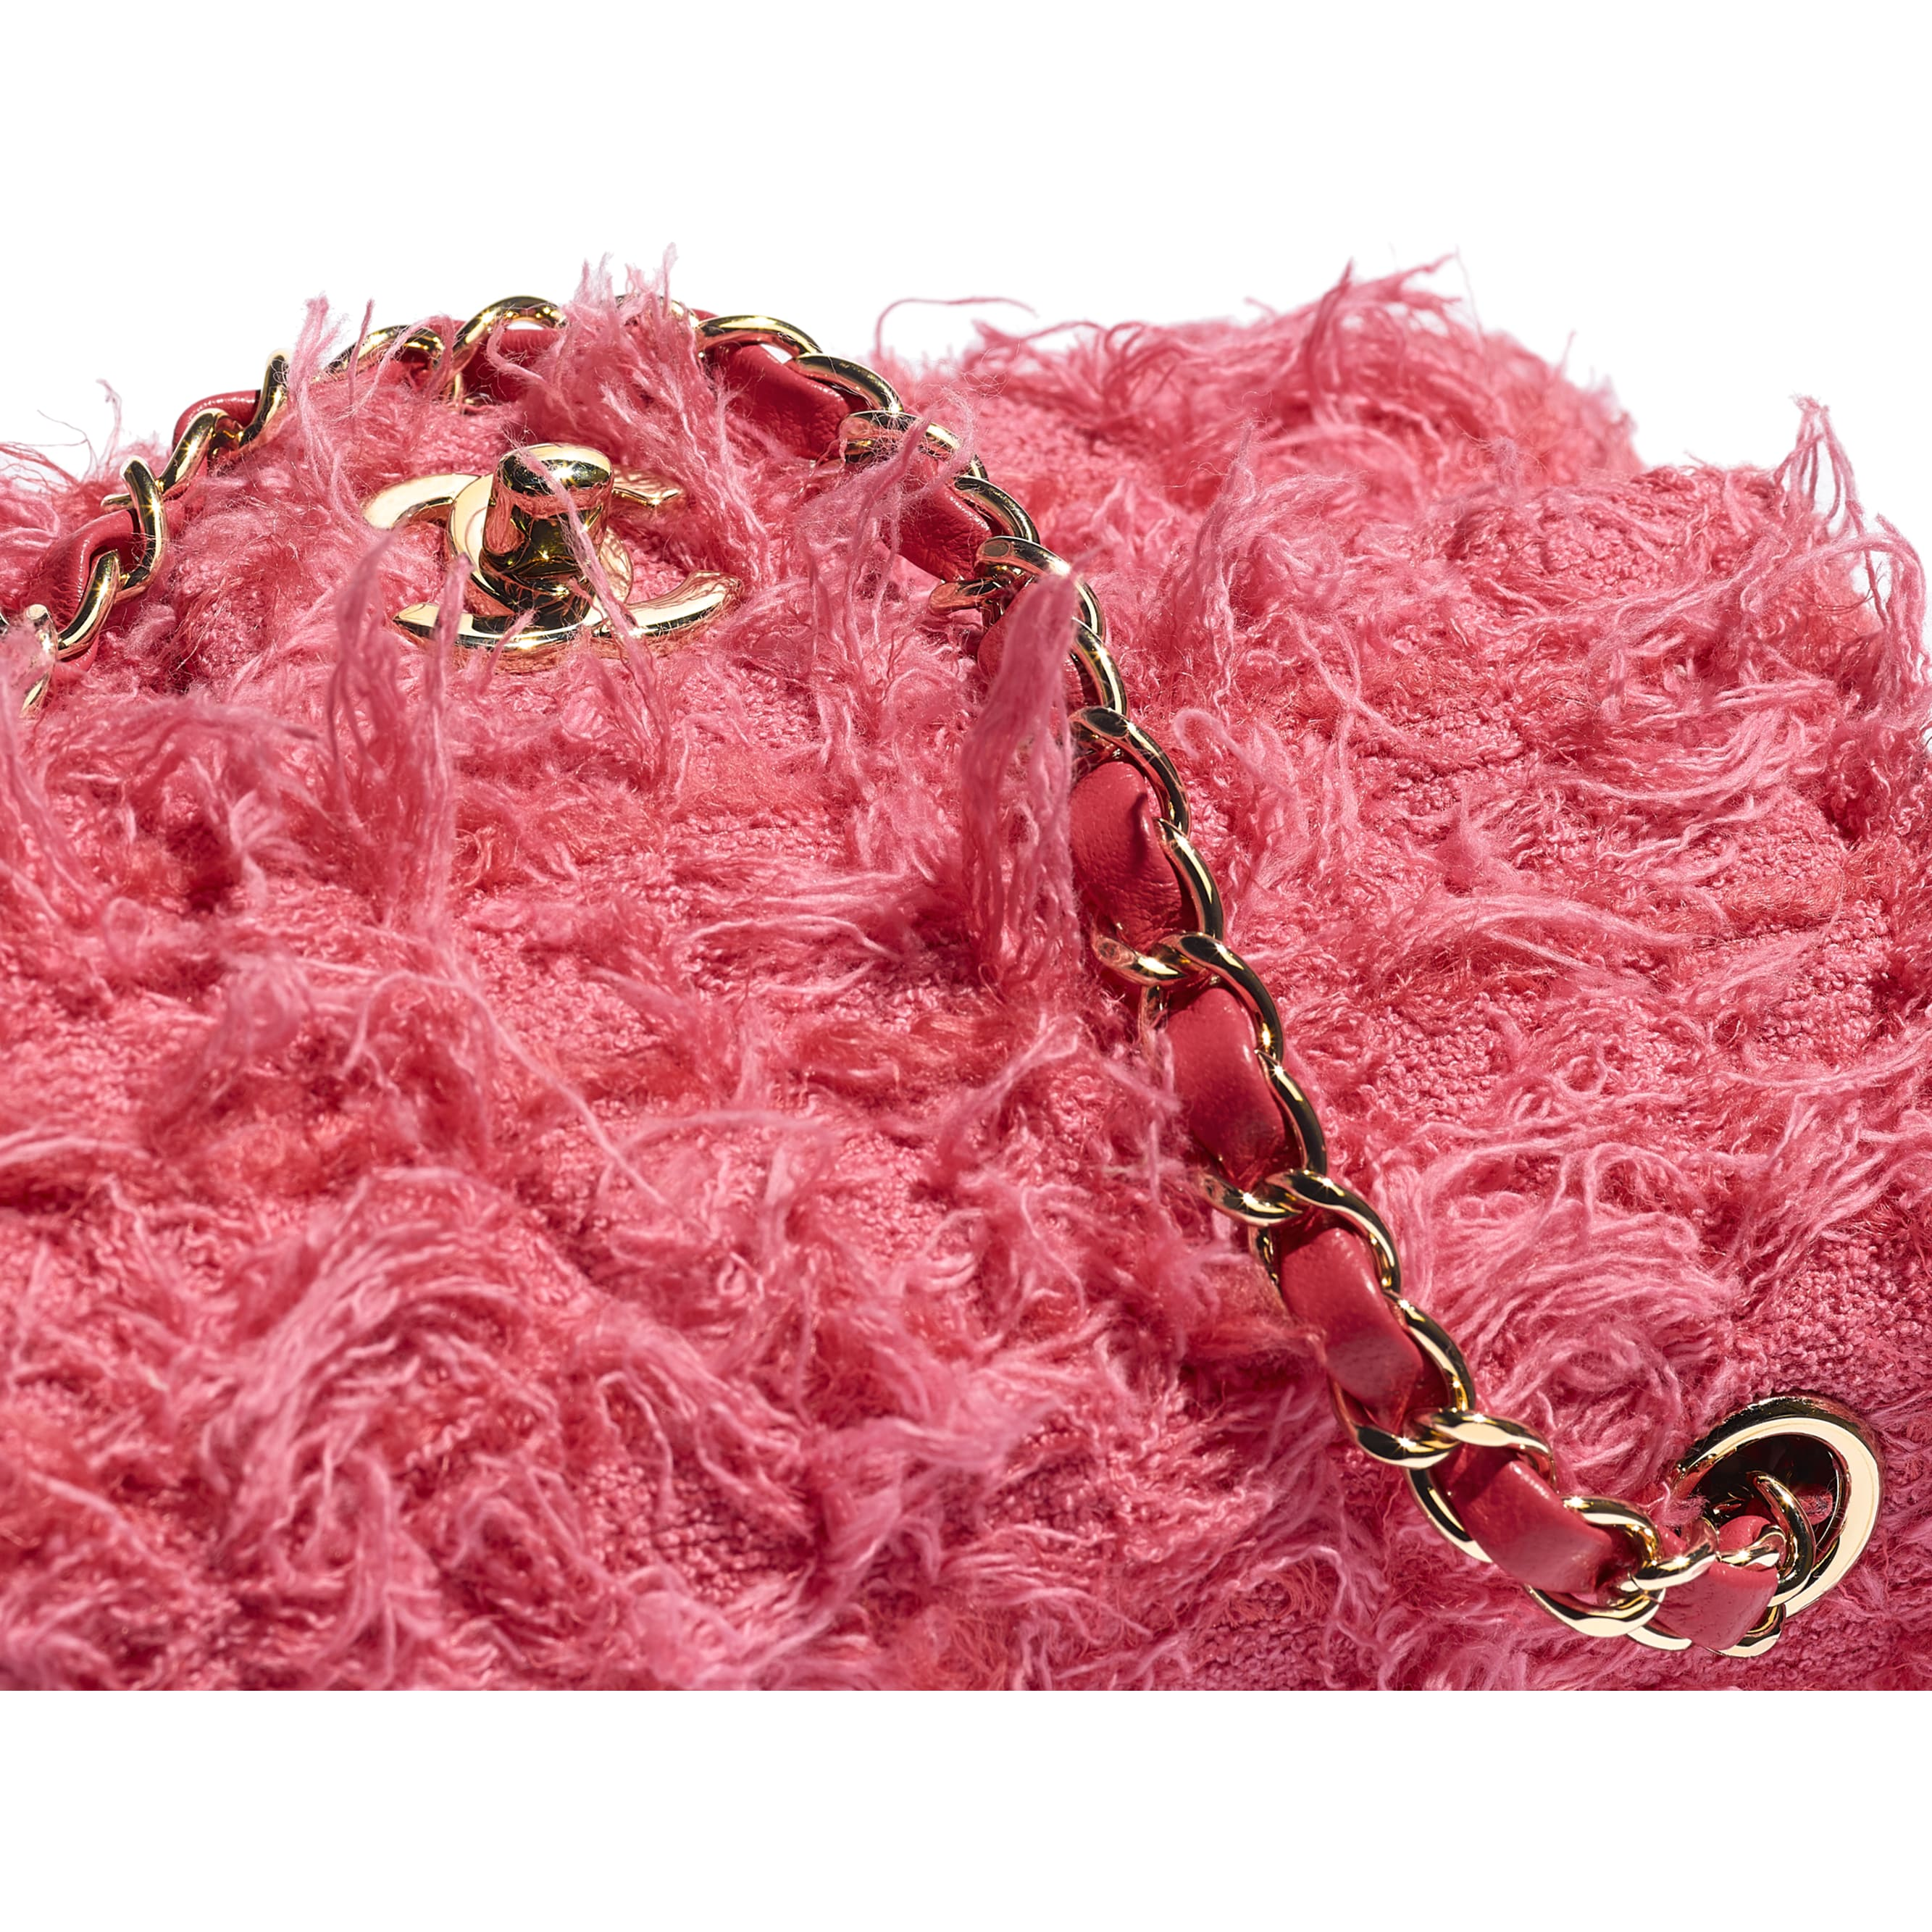 Borsa piccola - Corallo - Tweed & metallo effetto dorato - CHANEL - Immagine extra - vedere versione standard